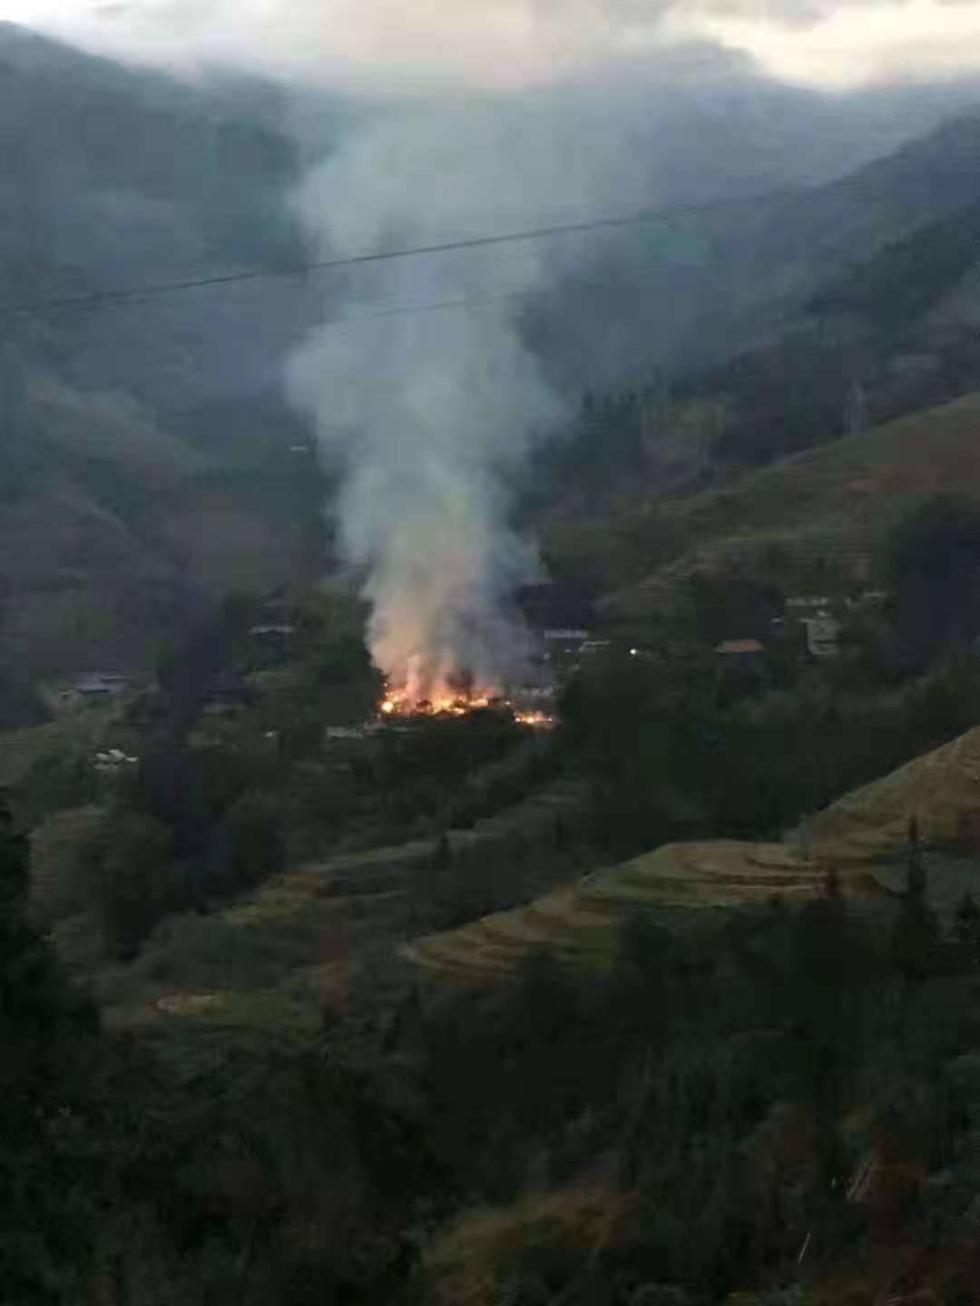 桂林龙胜一村寨今天凌晨突发大火,消防和村民合力扑灭